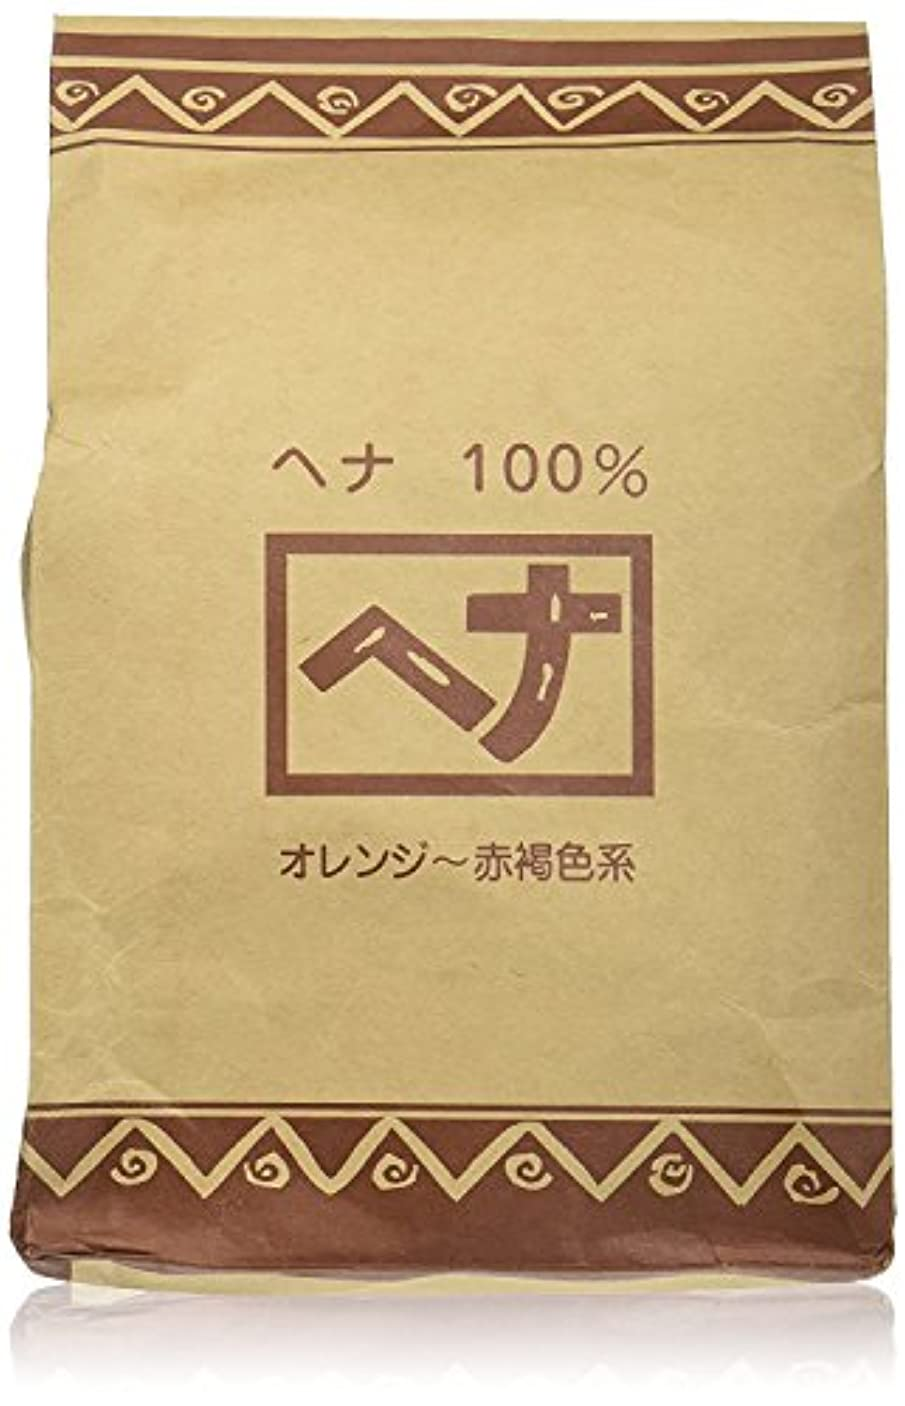 致死ヶ月目コカインNaiad(ナイアード) お徳用 ヘナ100% 100g×4